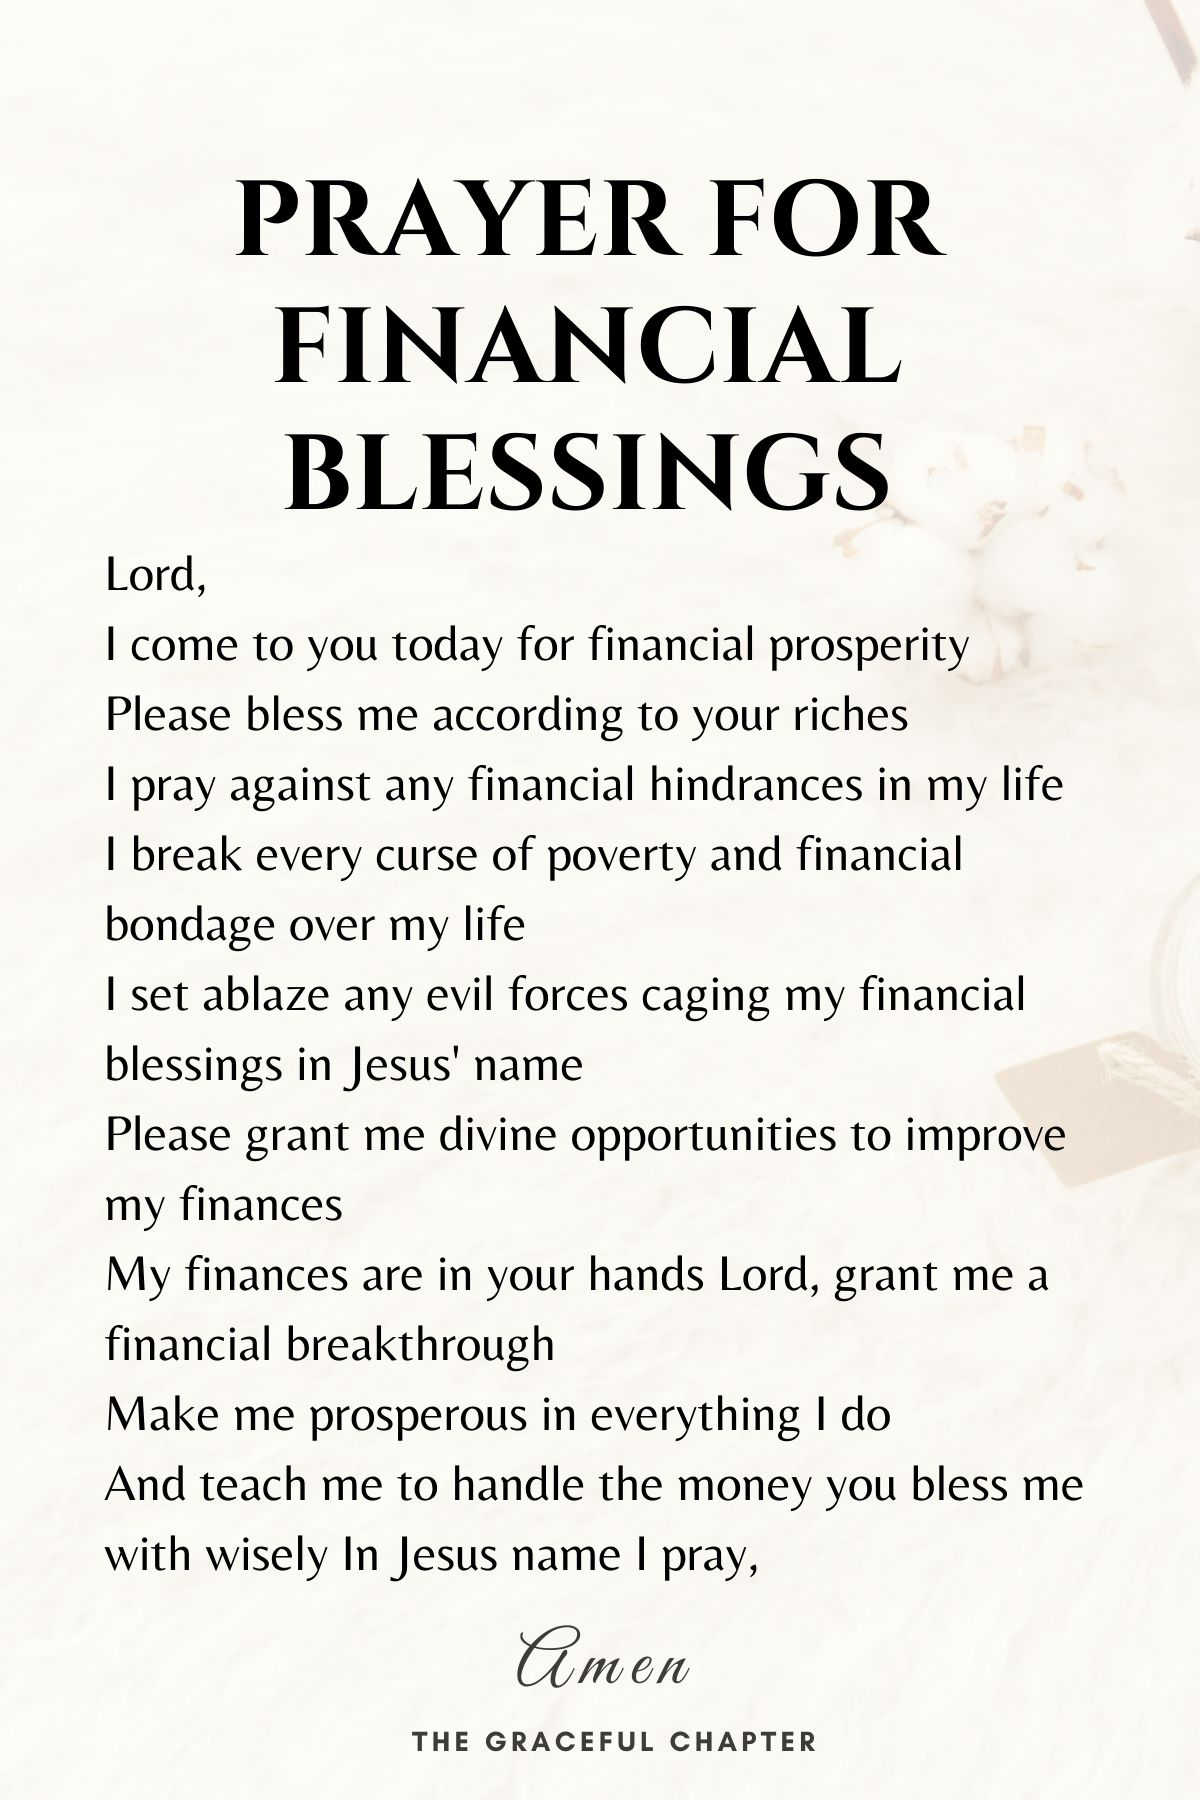 Prayer for financial blessings